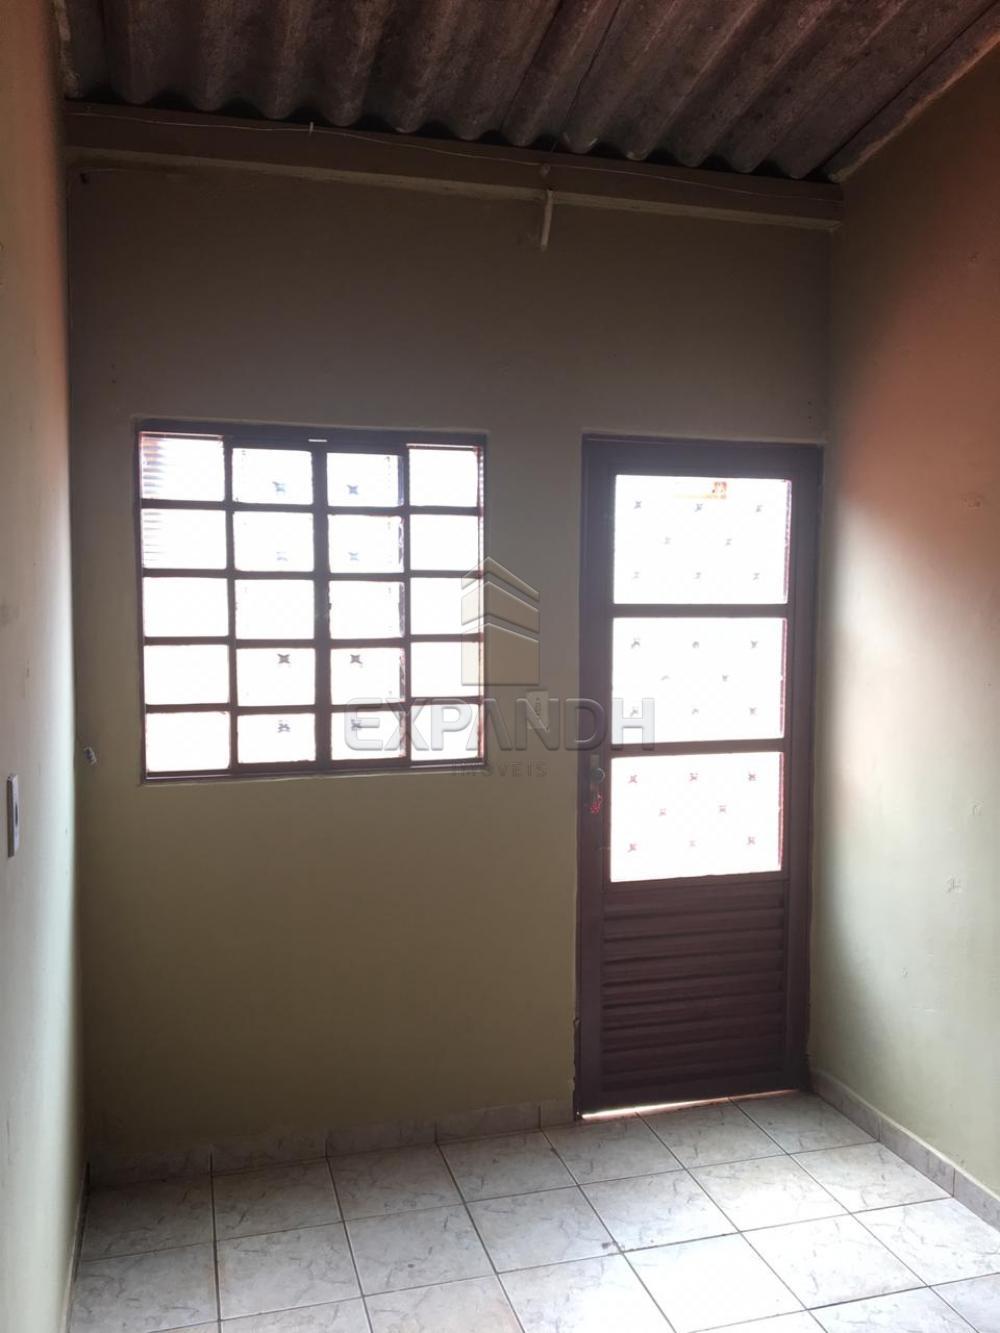 Alugar Casas / Padrão em Sertãozinho apenas R$ 400,00 - Foto 7